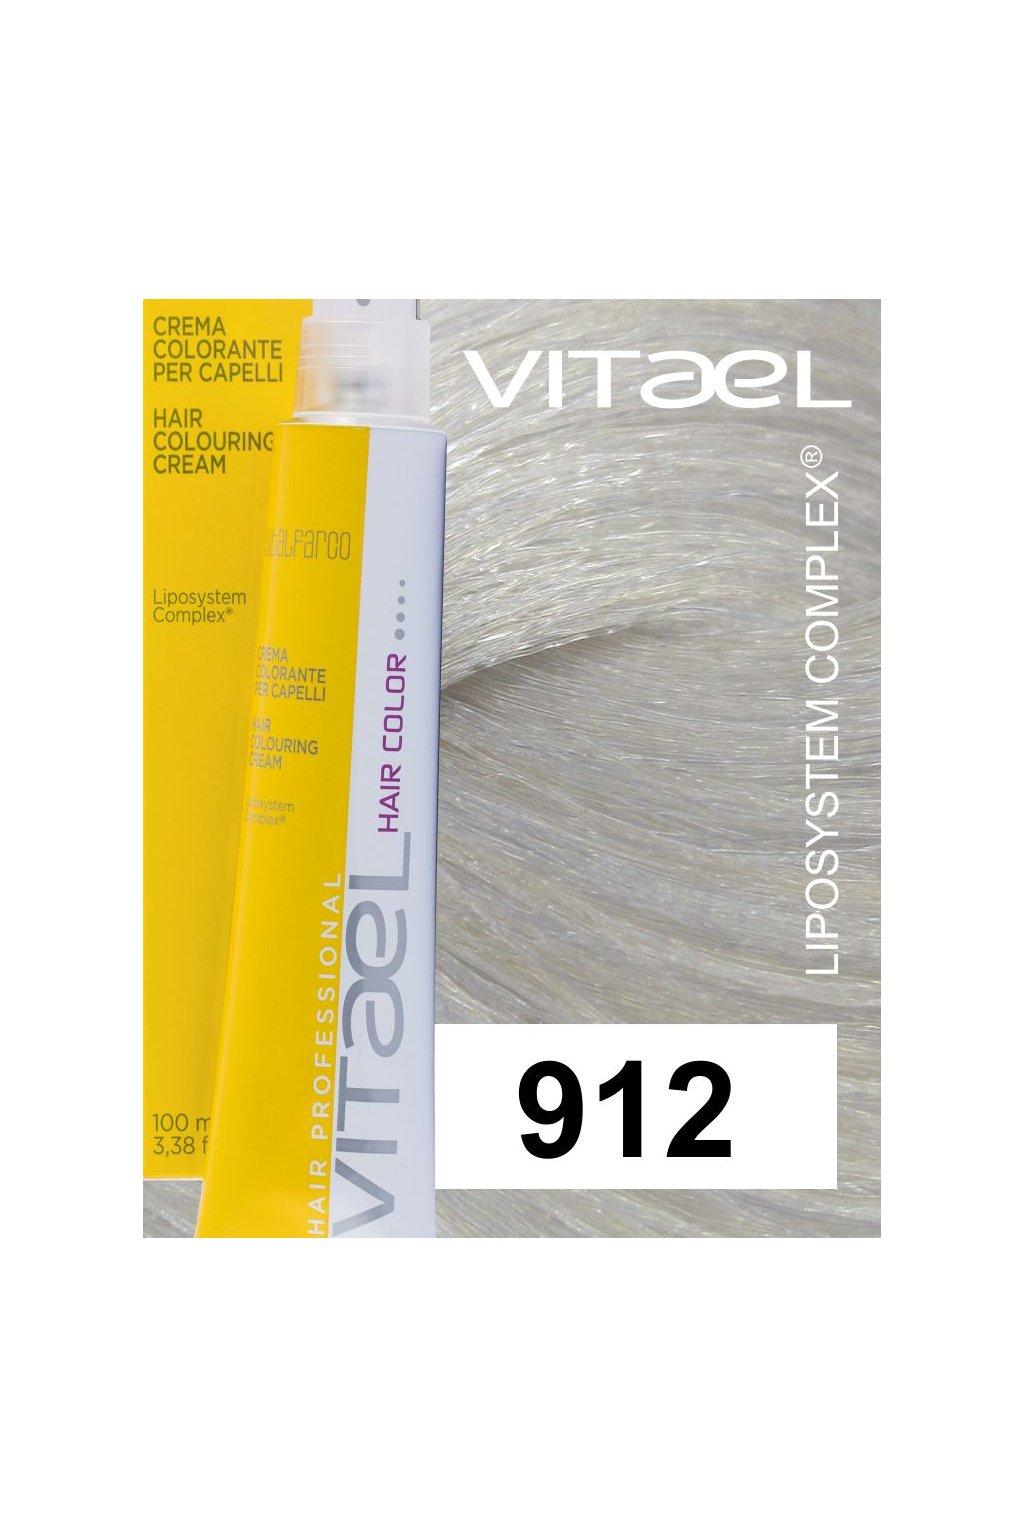 912 VIT